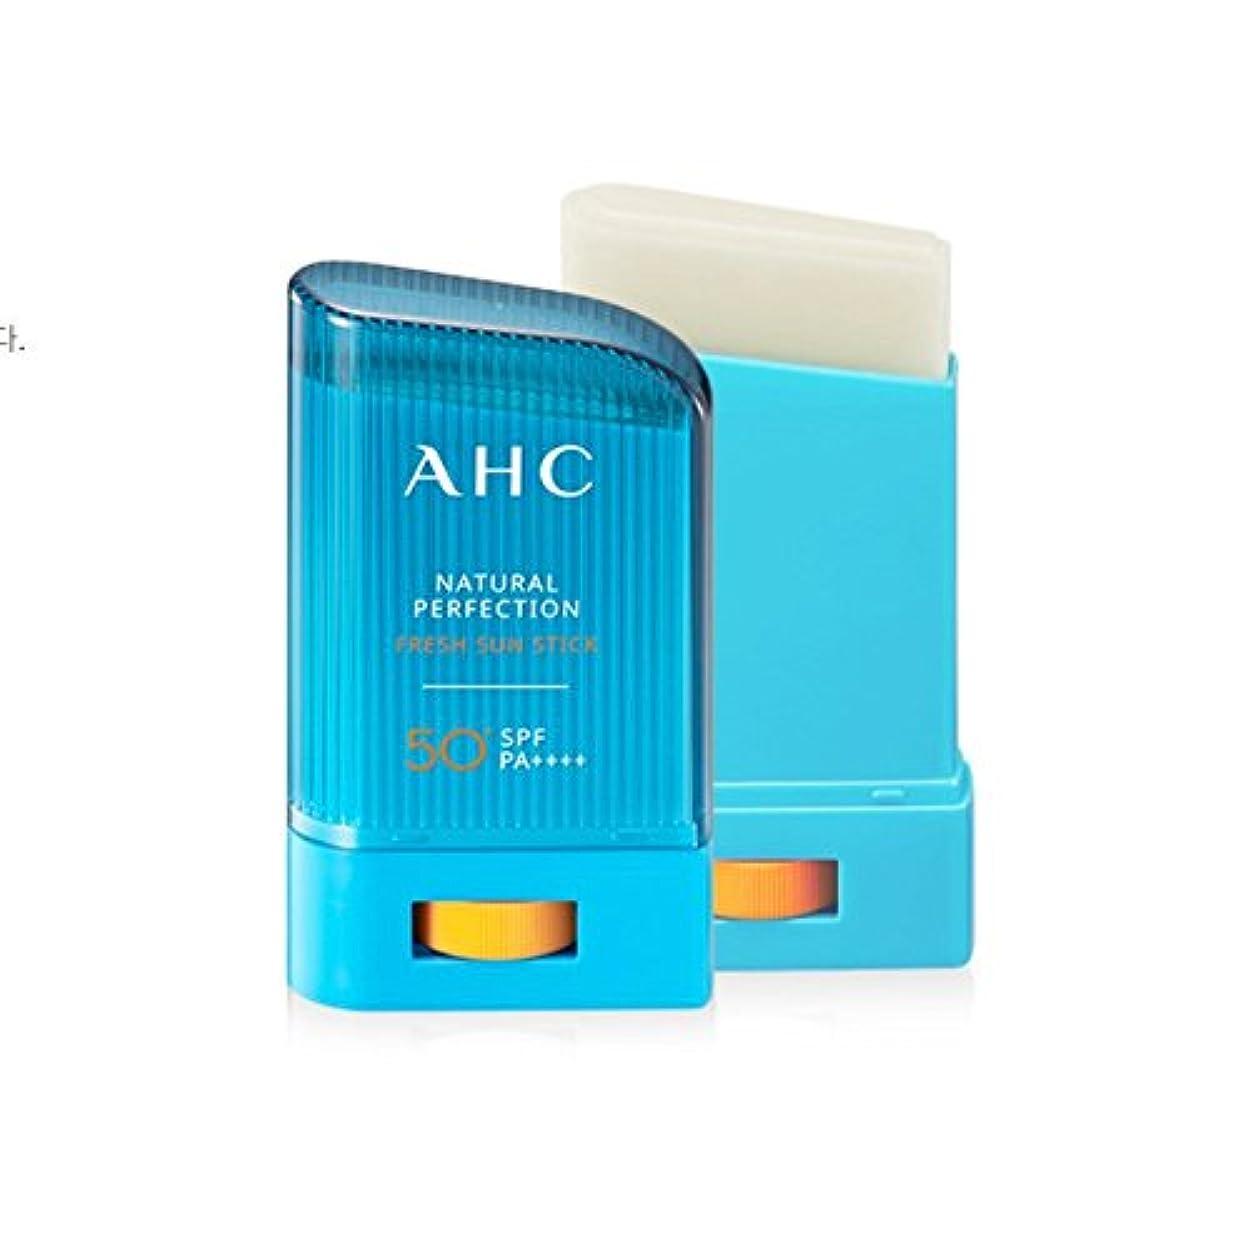 建てる無臭エンターテインメント2018年(Renewal) AHC ナチュラル サン スティック 22g/AHC Natural perfection fresh sun stick (22g) [並行輸入品]